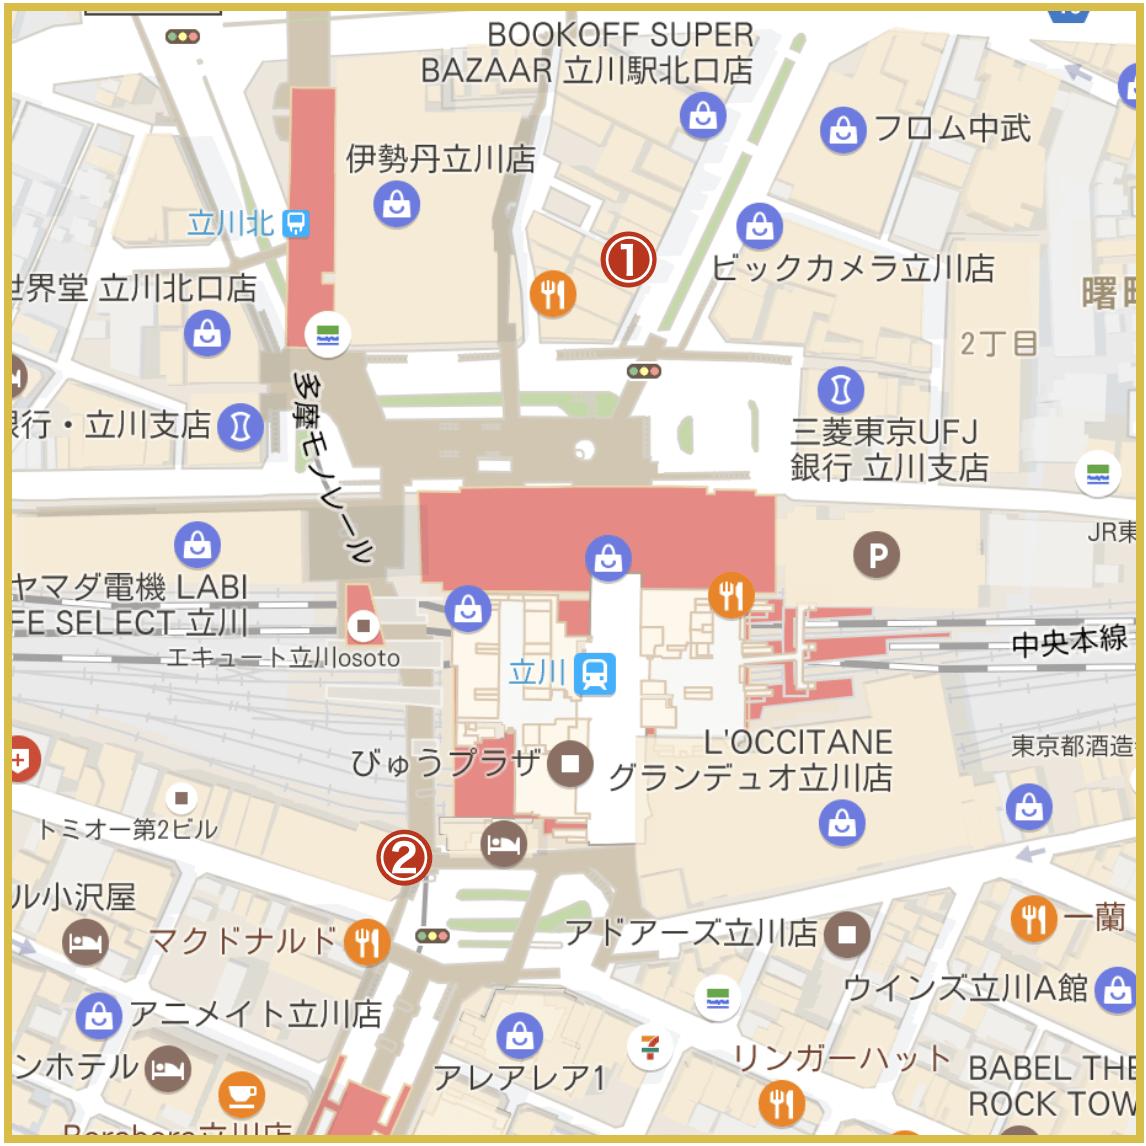 立川駅周辺にあるアコム店舗・ATMの位置